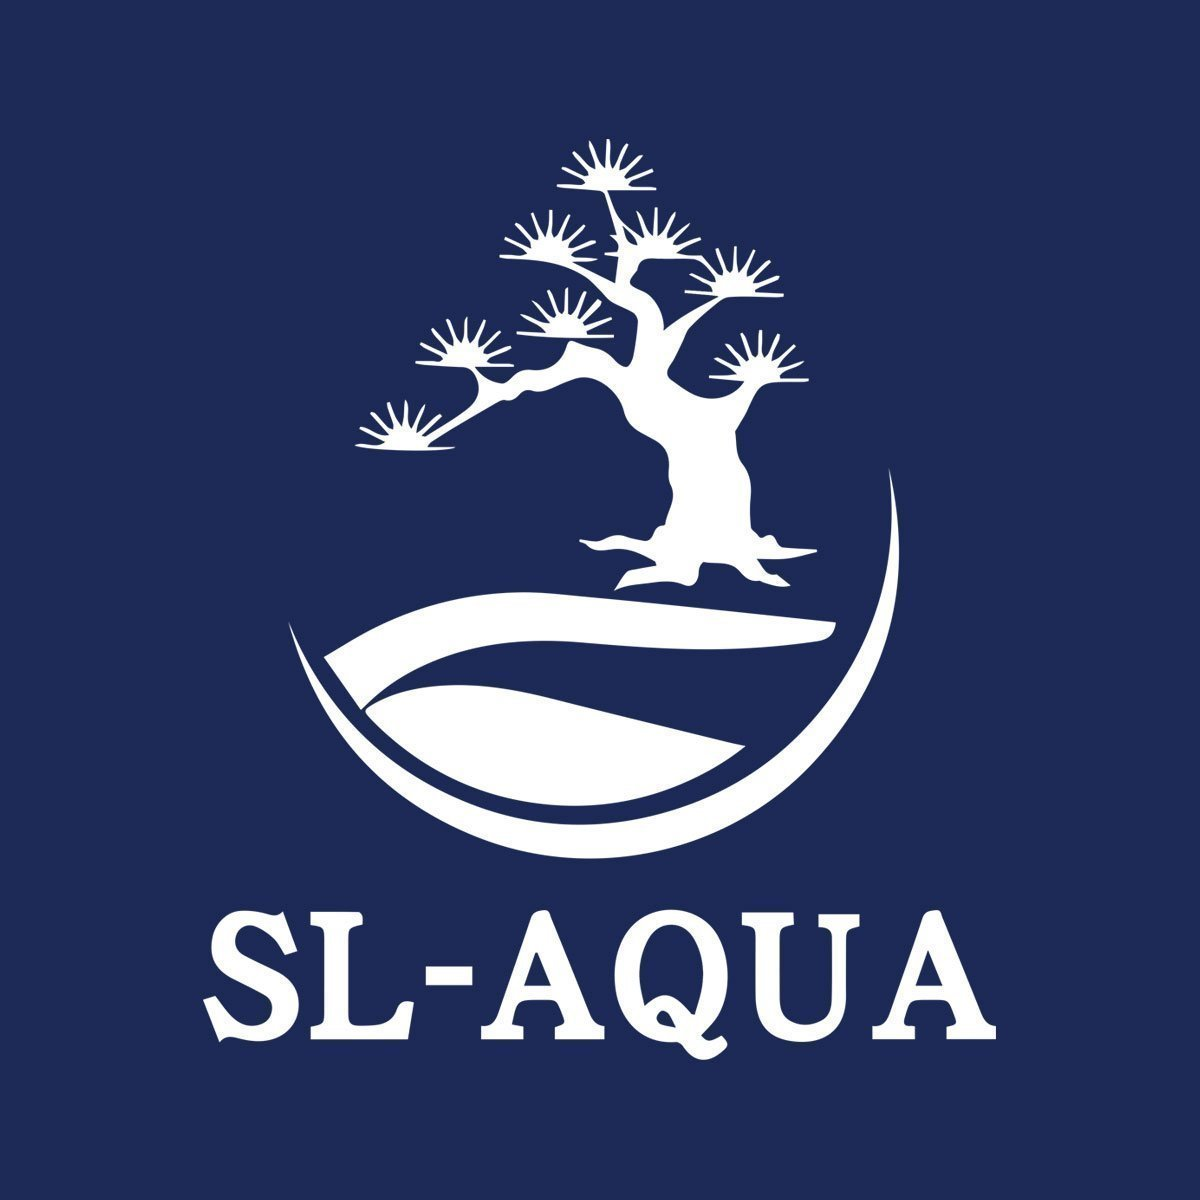 SL AQUA